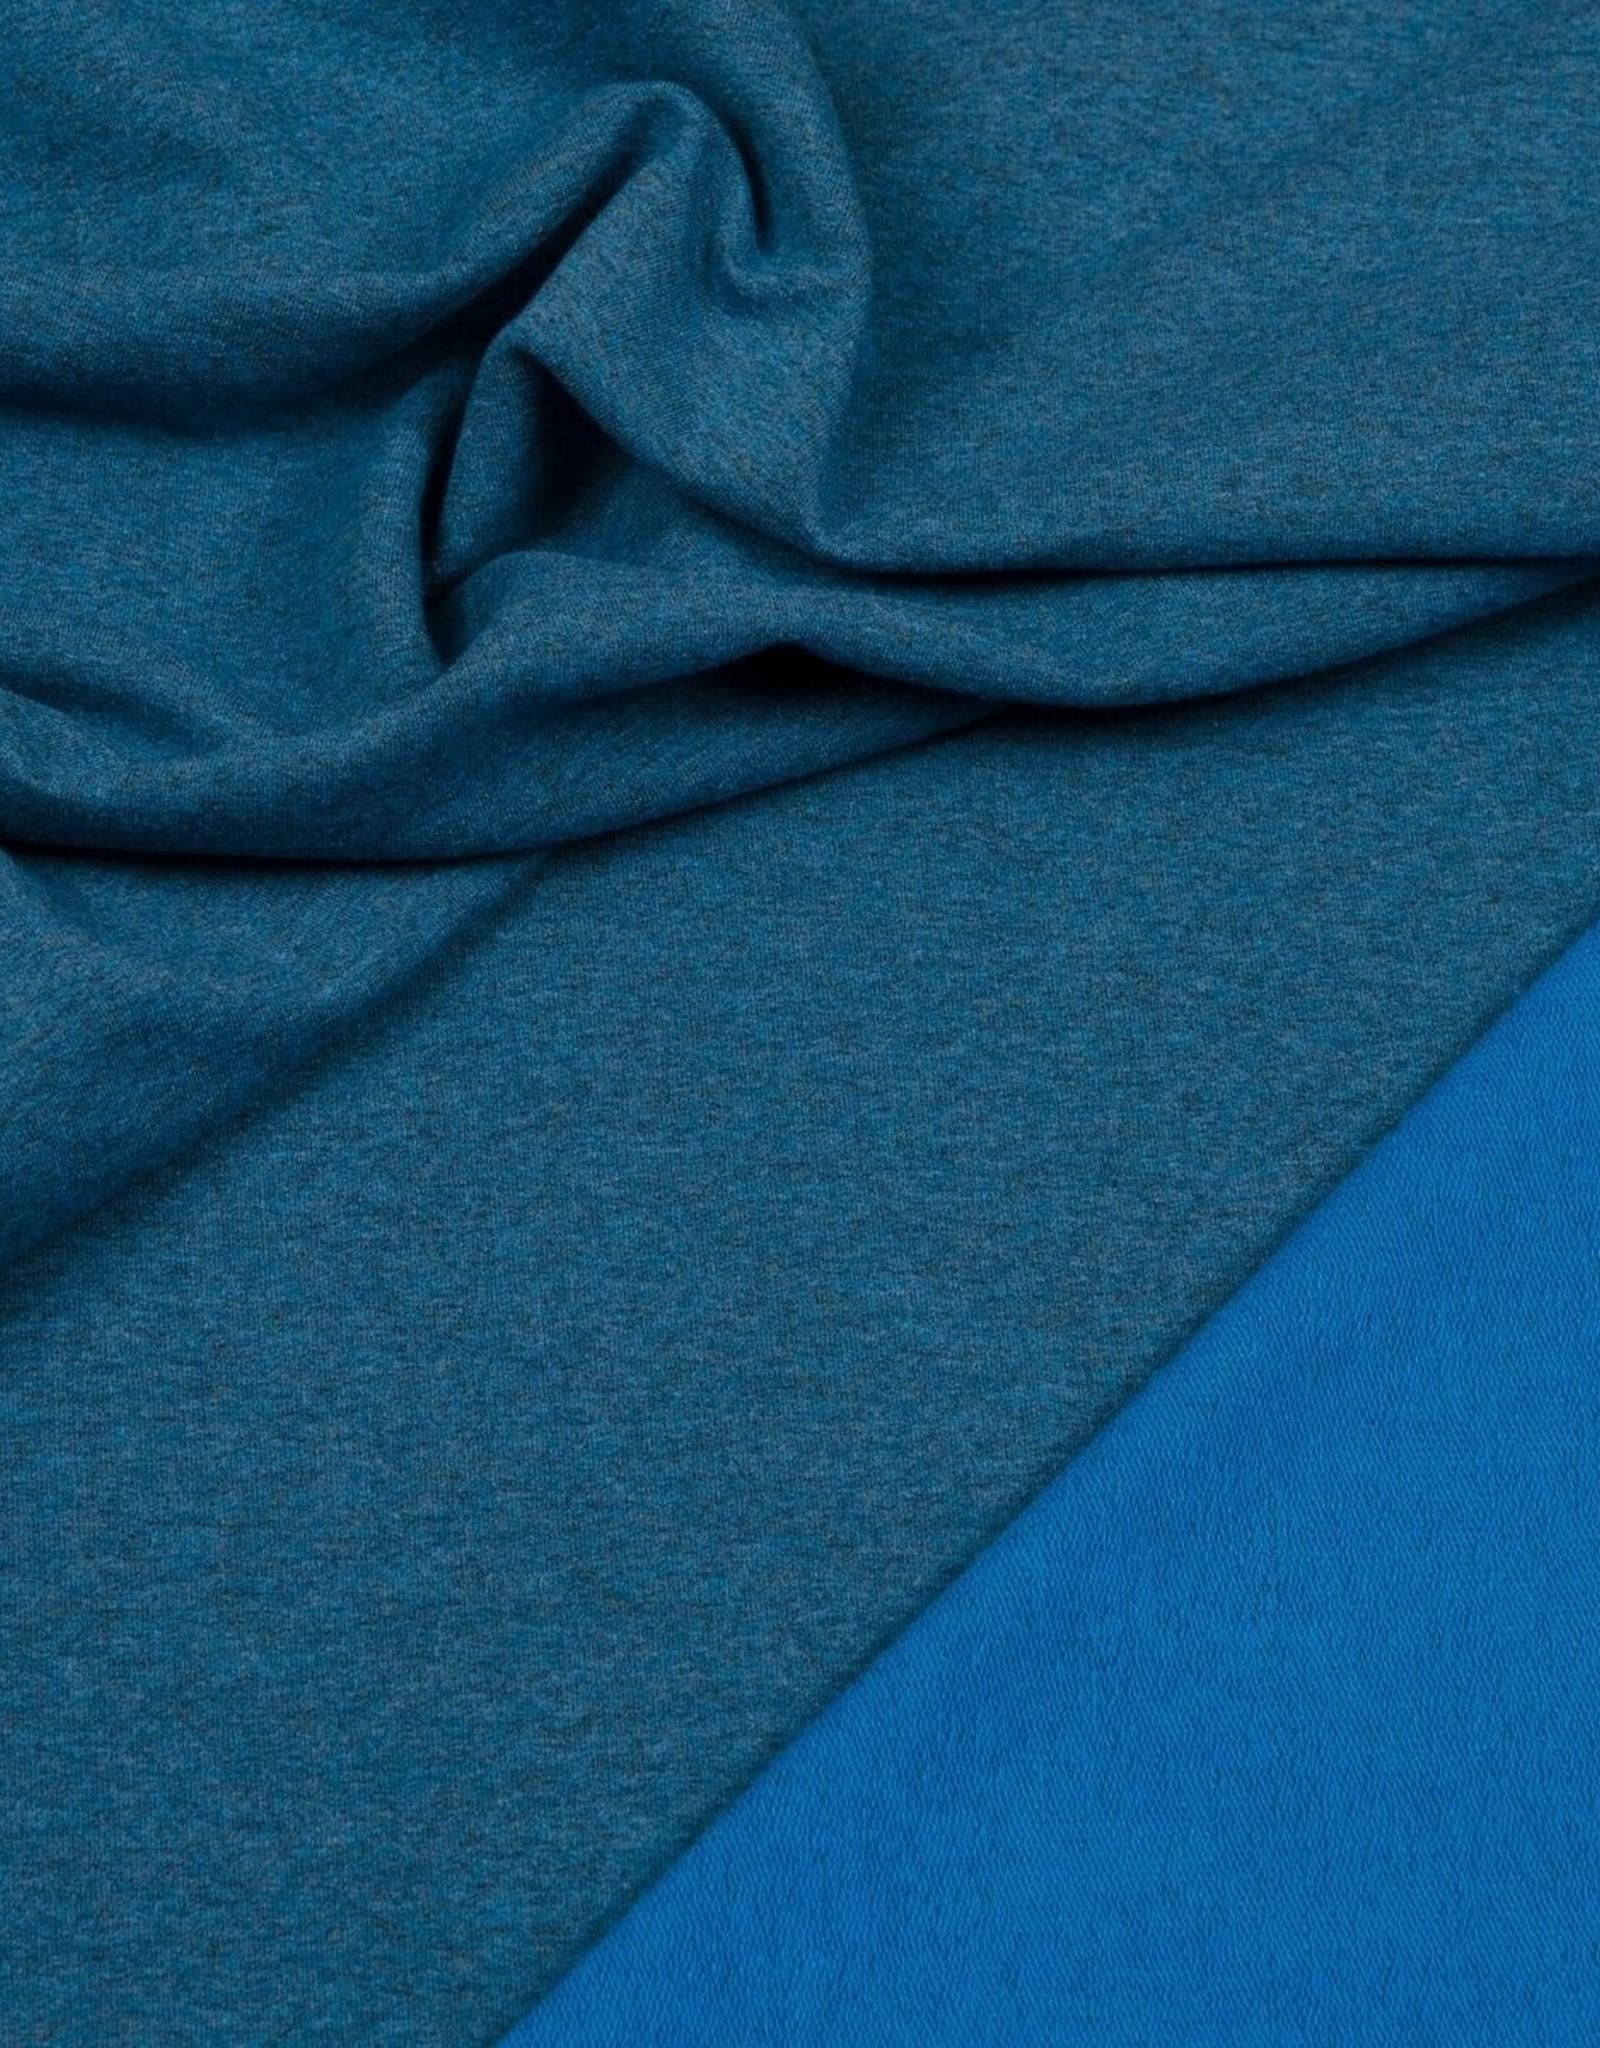 Hilco Boordstof blauw gemeleerd